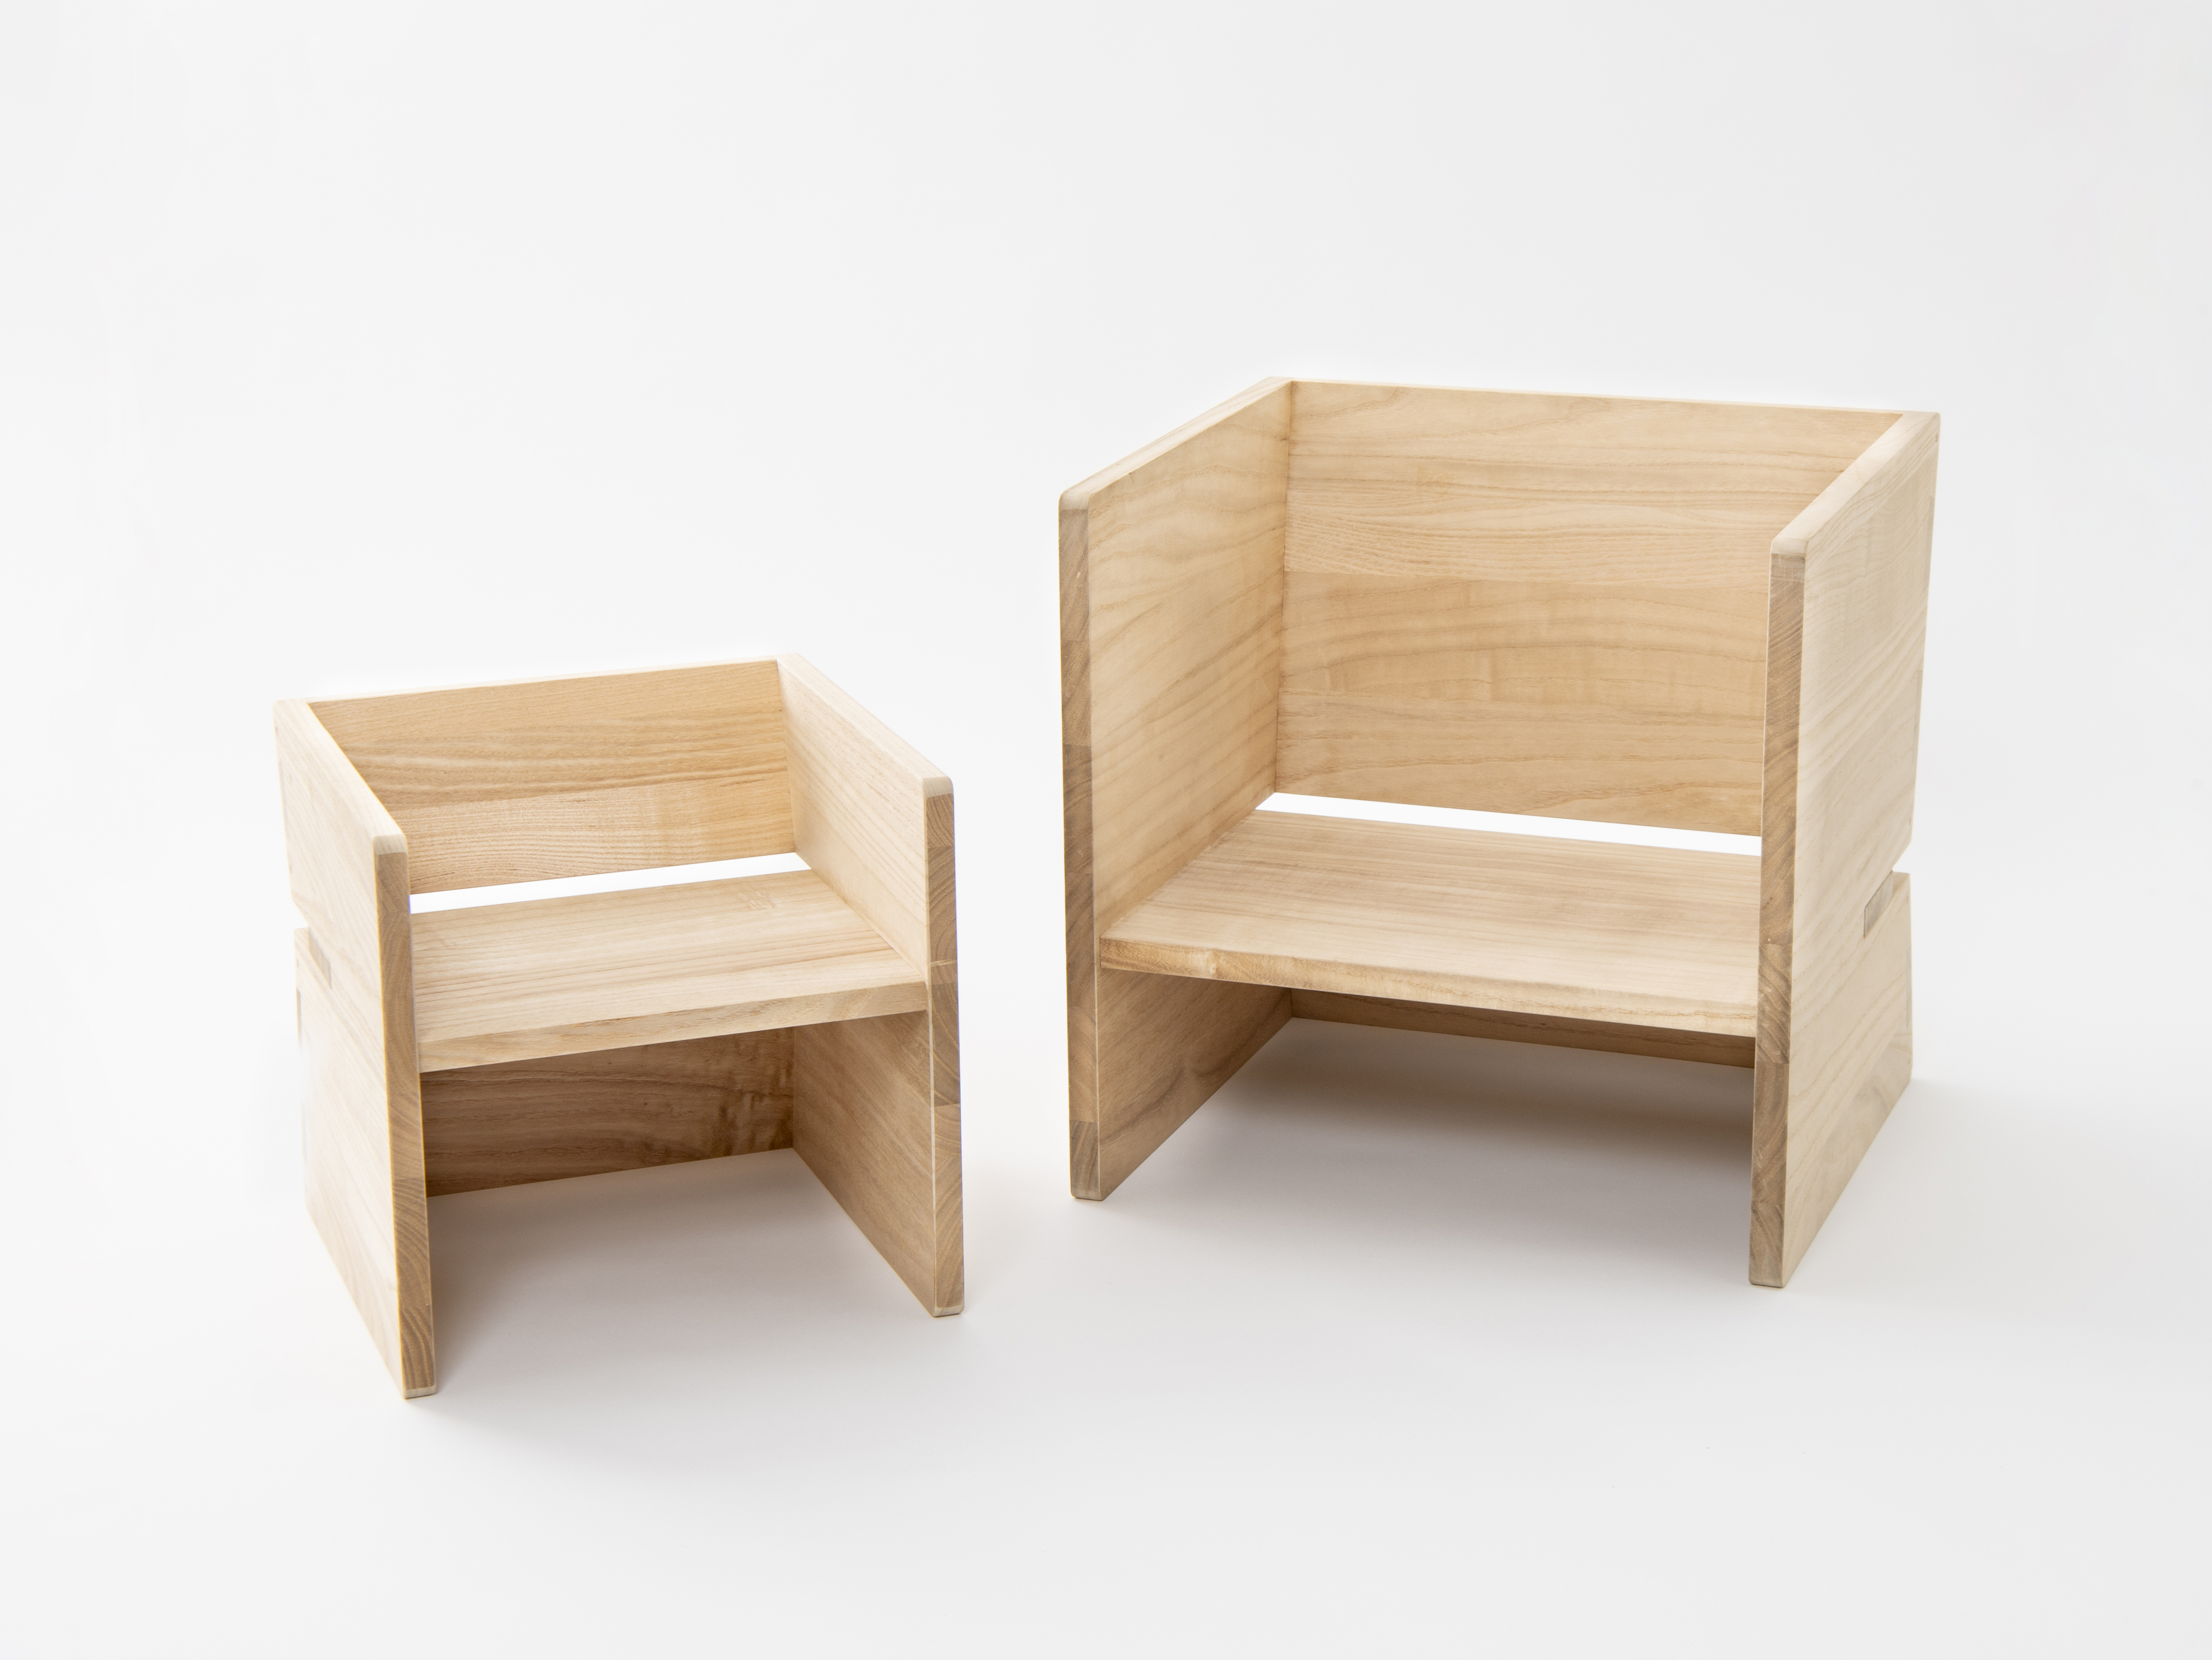 桐の子供椅子 CHOCON/桐の椅子 CHOICE画像